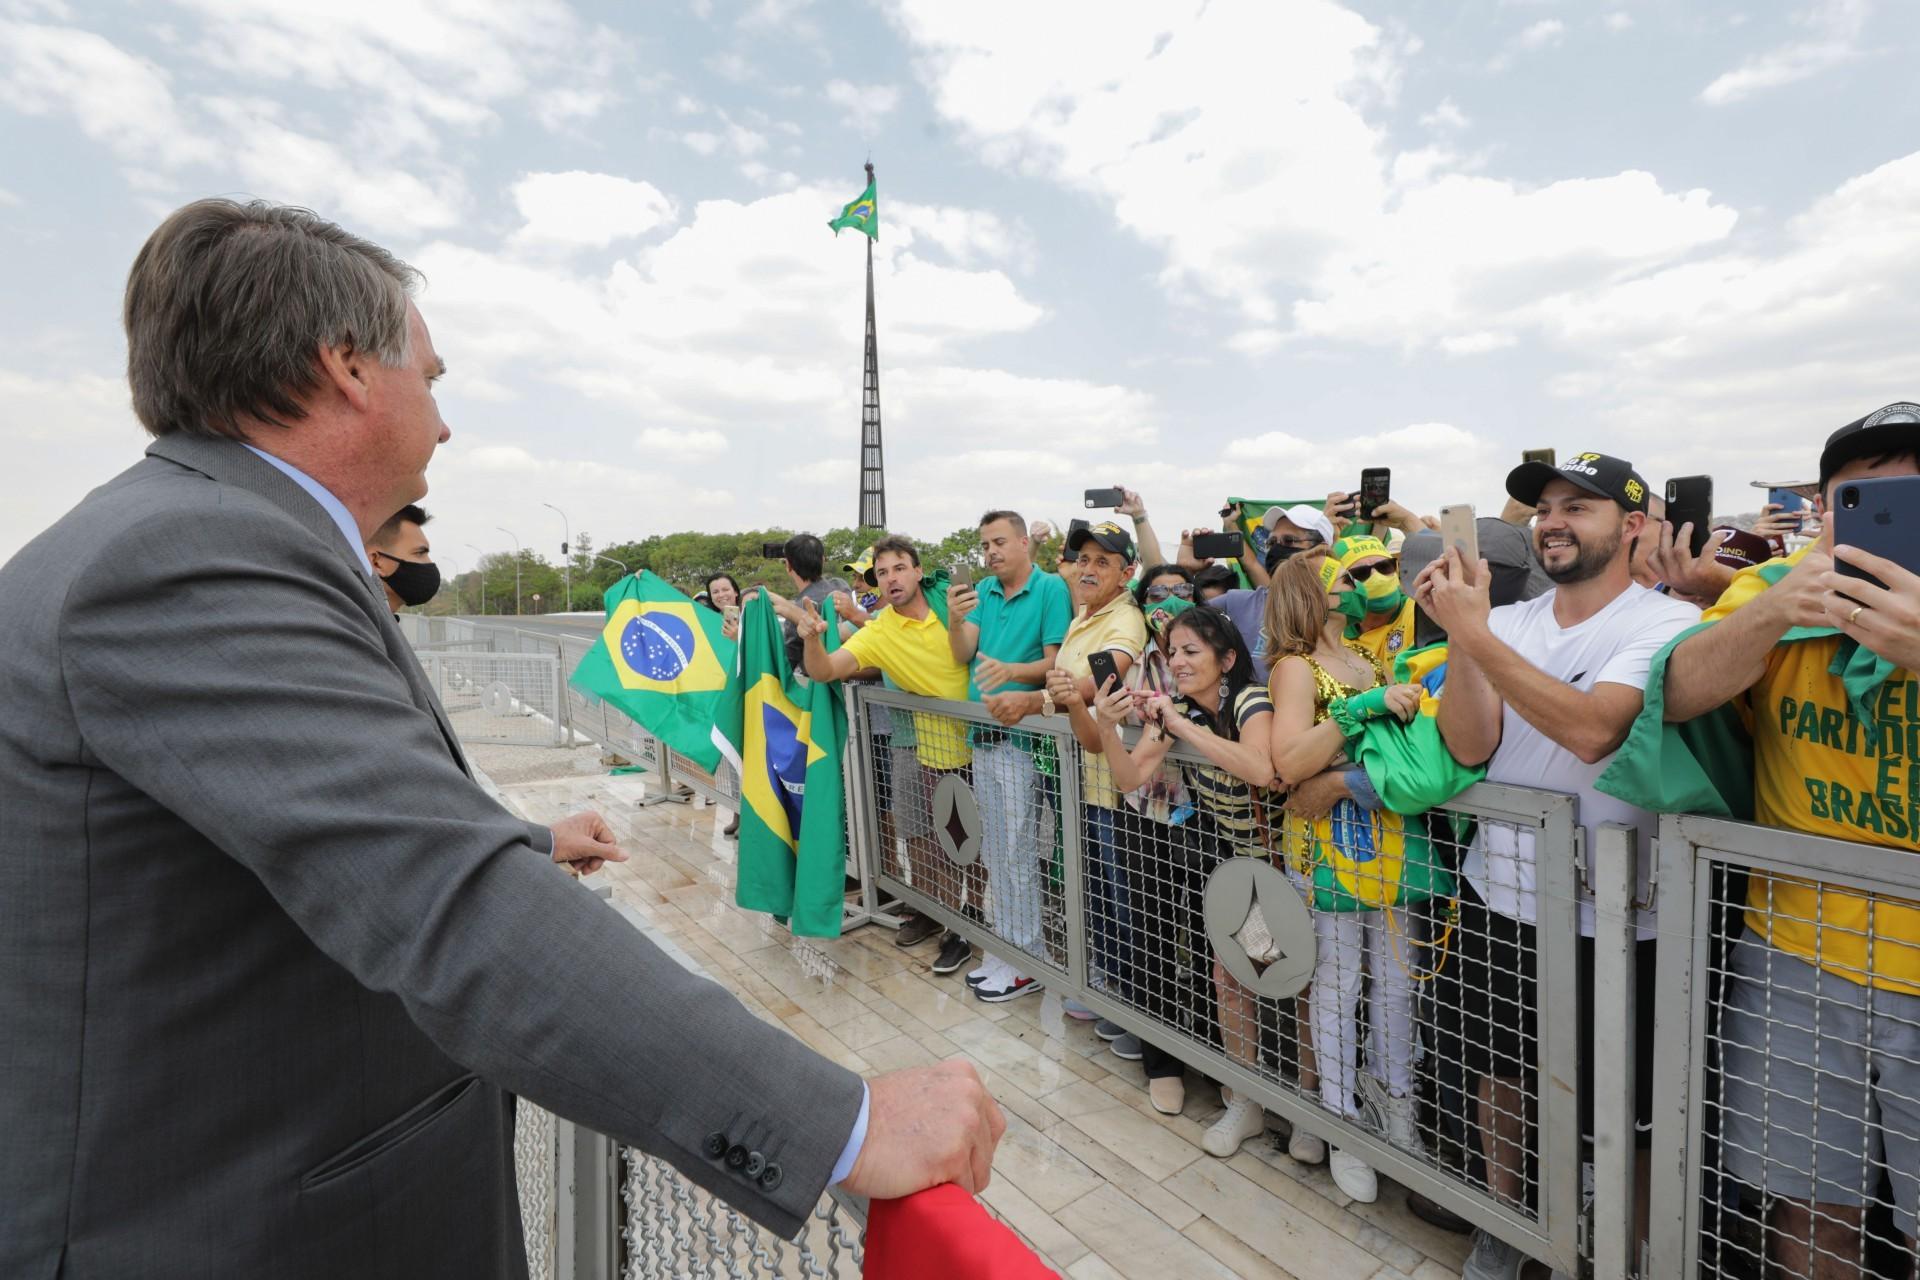 O que pensam os que aplaudem Bolsonaro